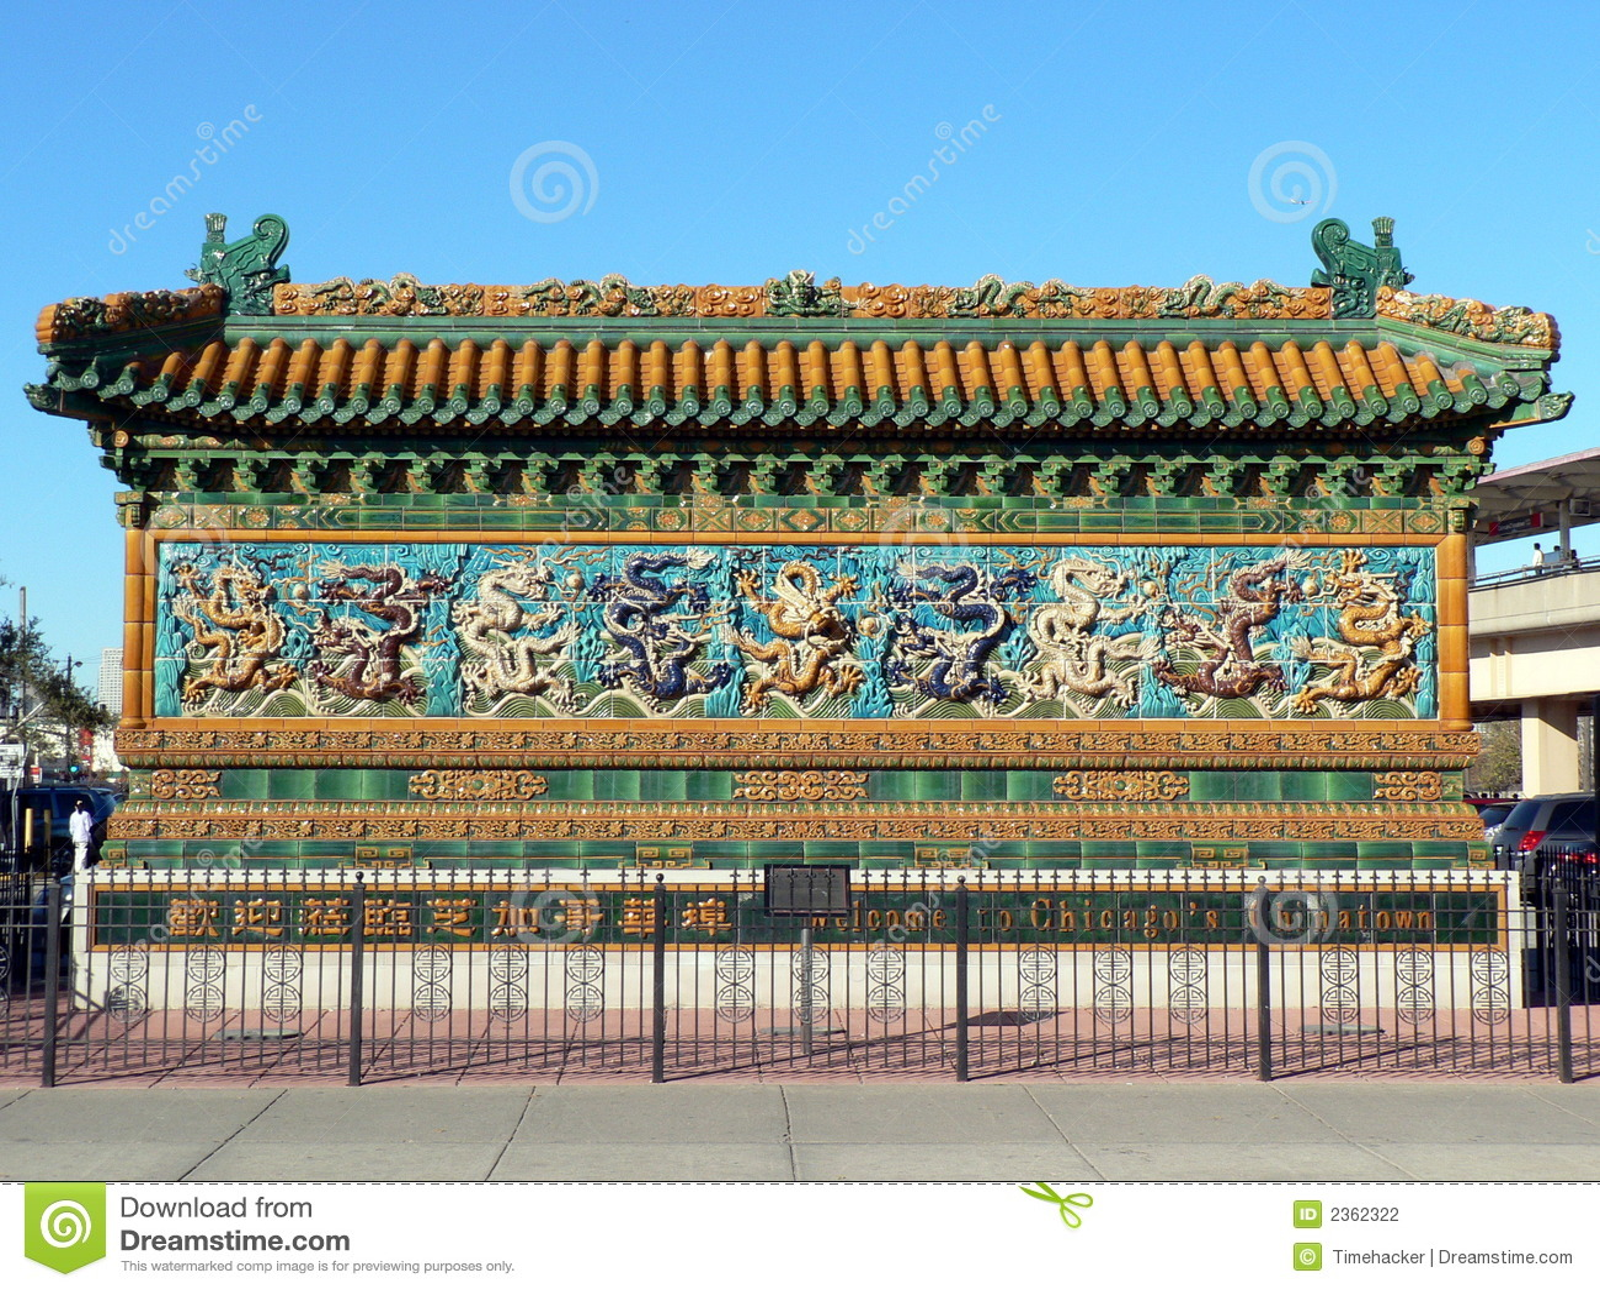 Nine Dragon Wall: Nine Dragon Wall Stock Photography